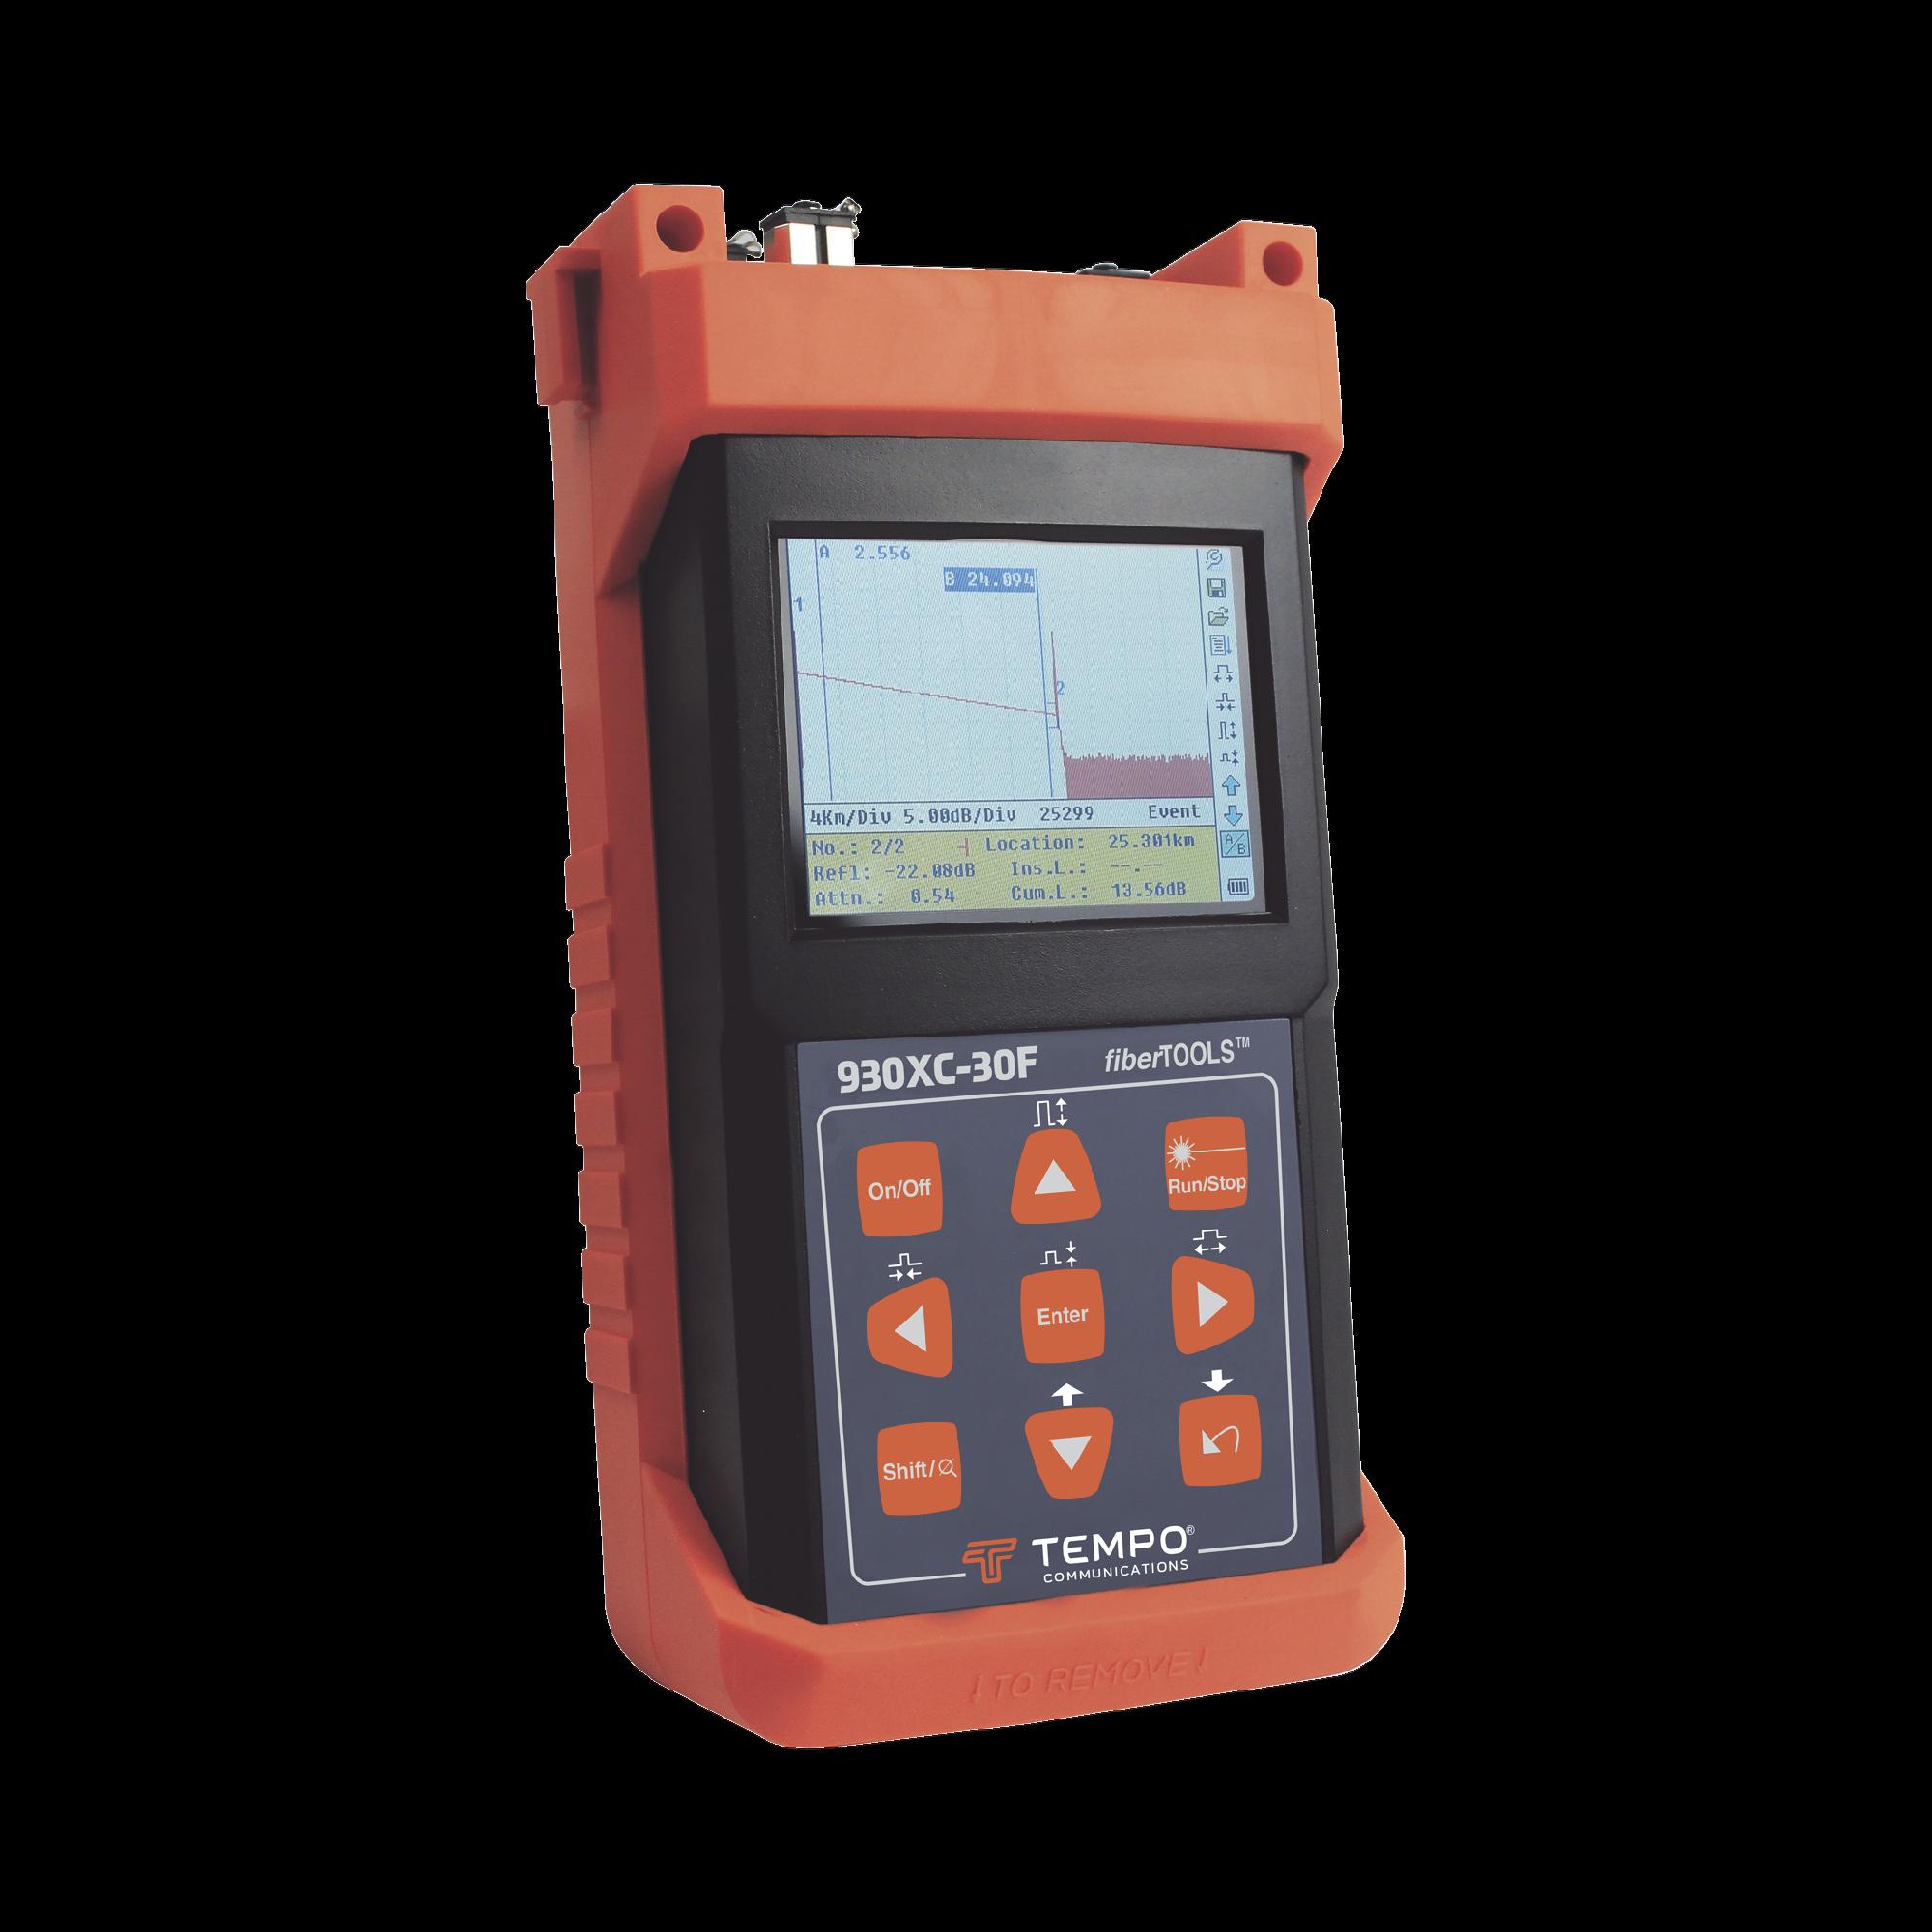 OTDR para pruebas en Enlaces de Fibra óptica, lambdas 1310/1550/1625 nm / Prueba Fibra Viva